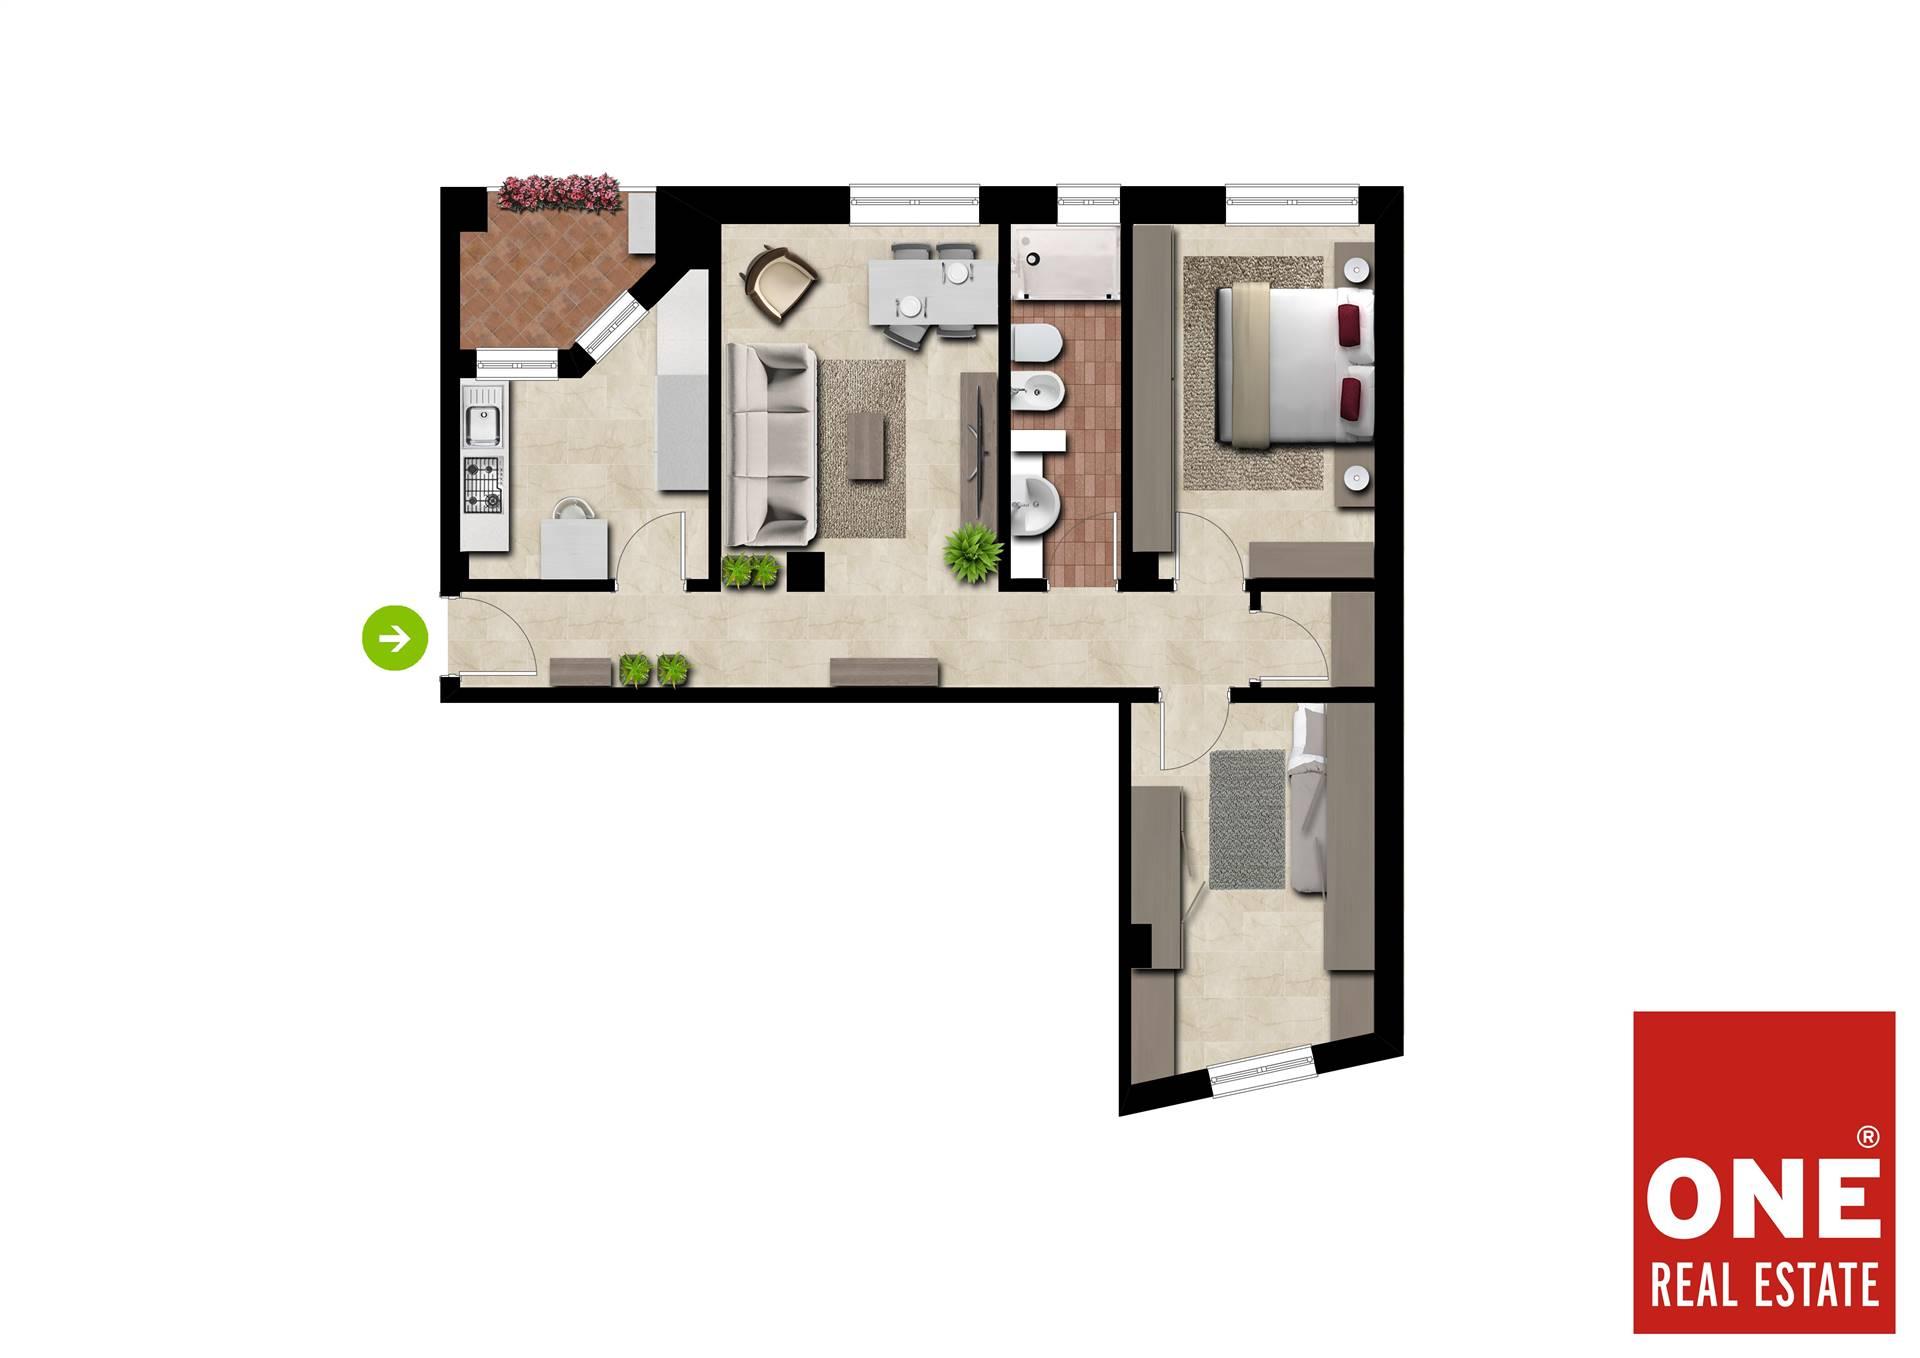 Appartamento in vendita a Villasanta, 3 locali, prezzo € 160.000   CambioCasa.it